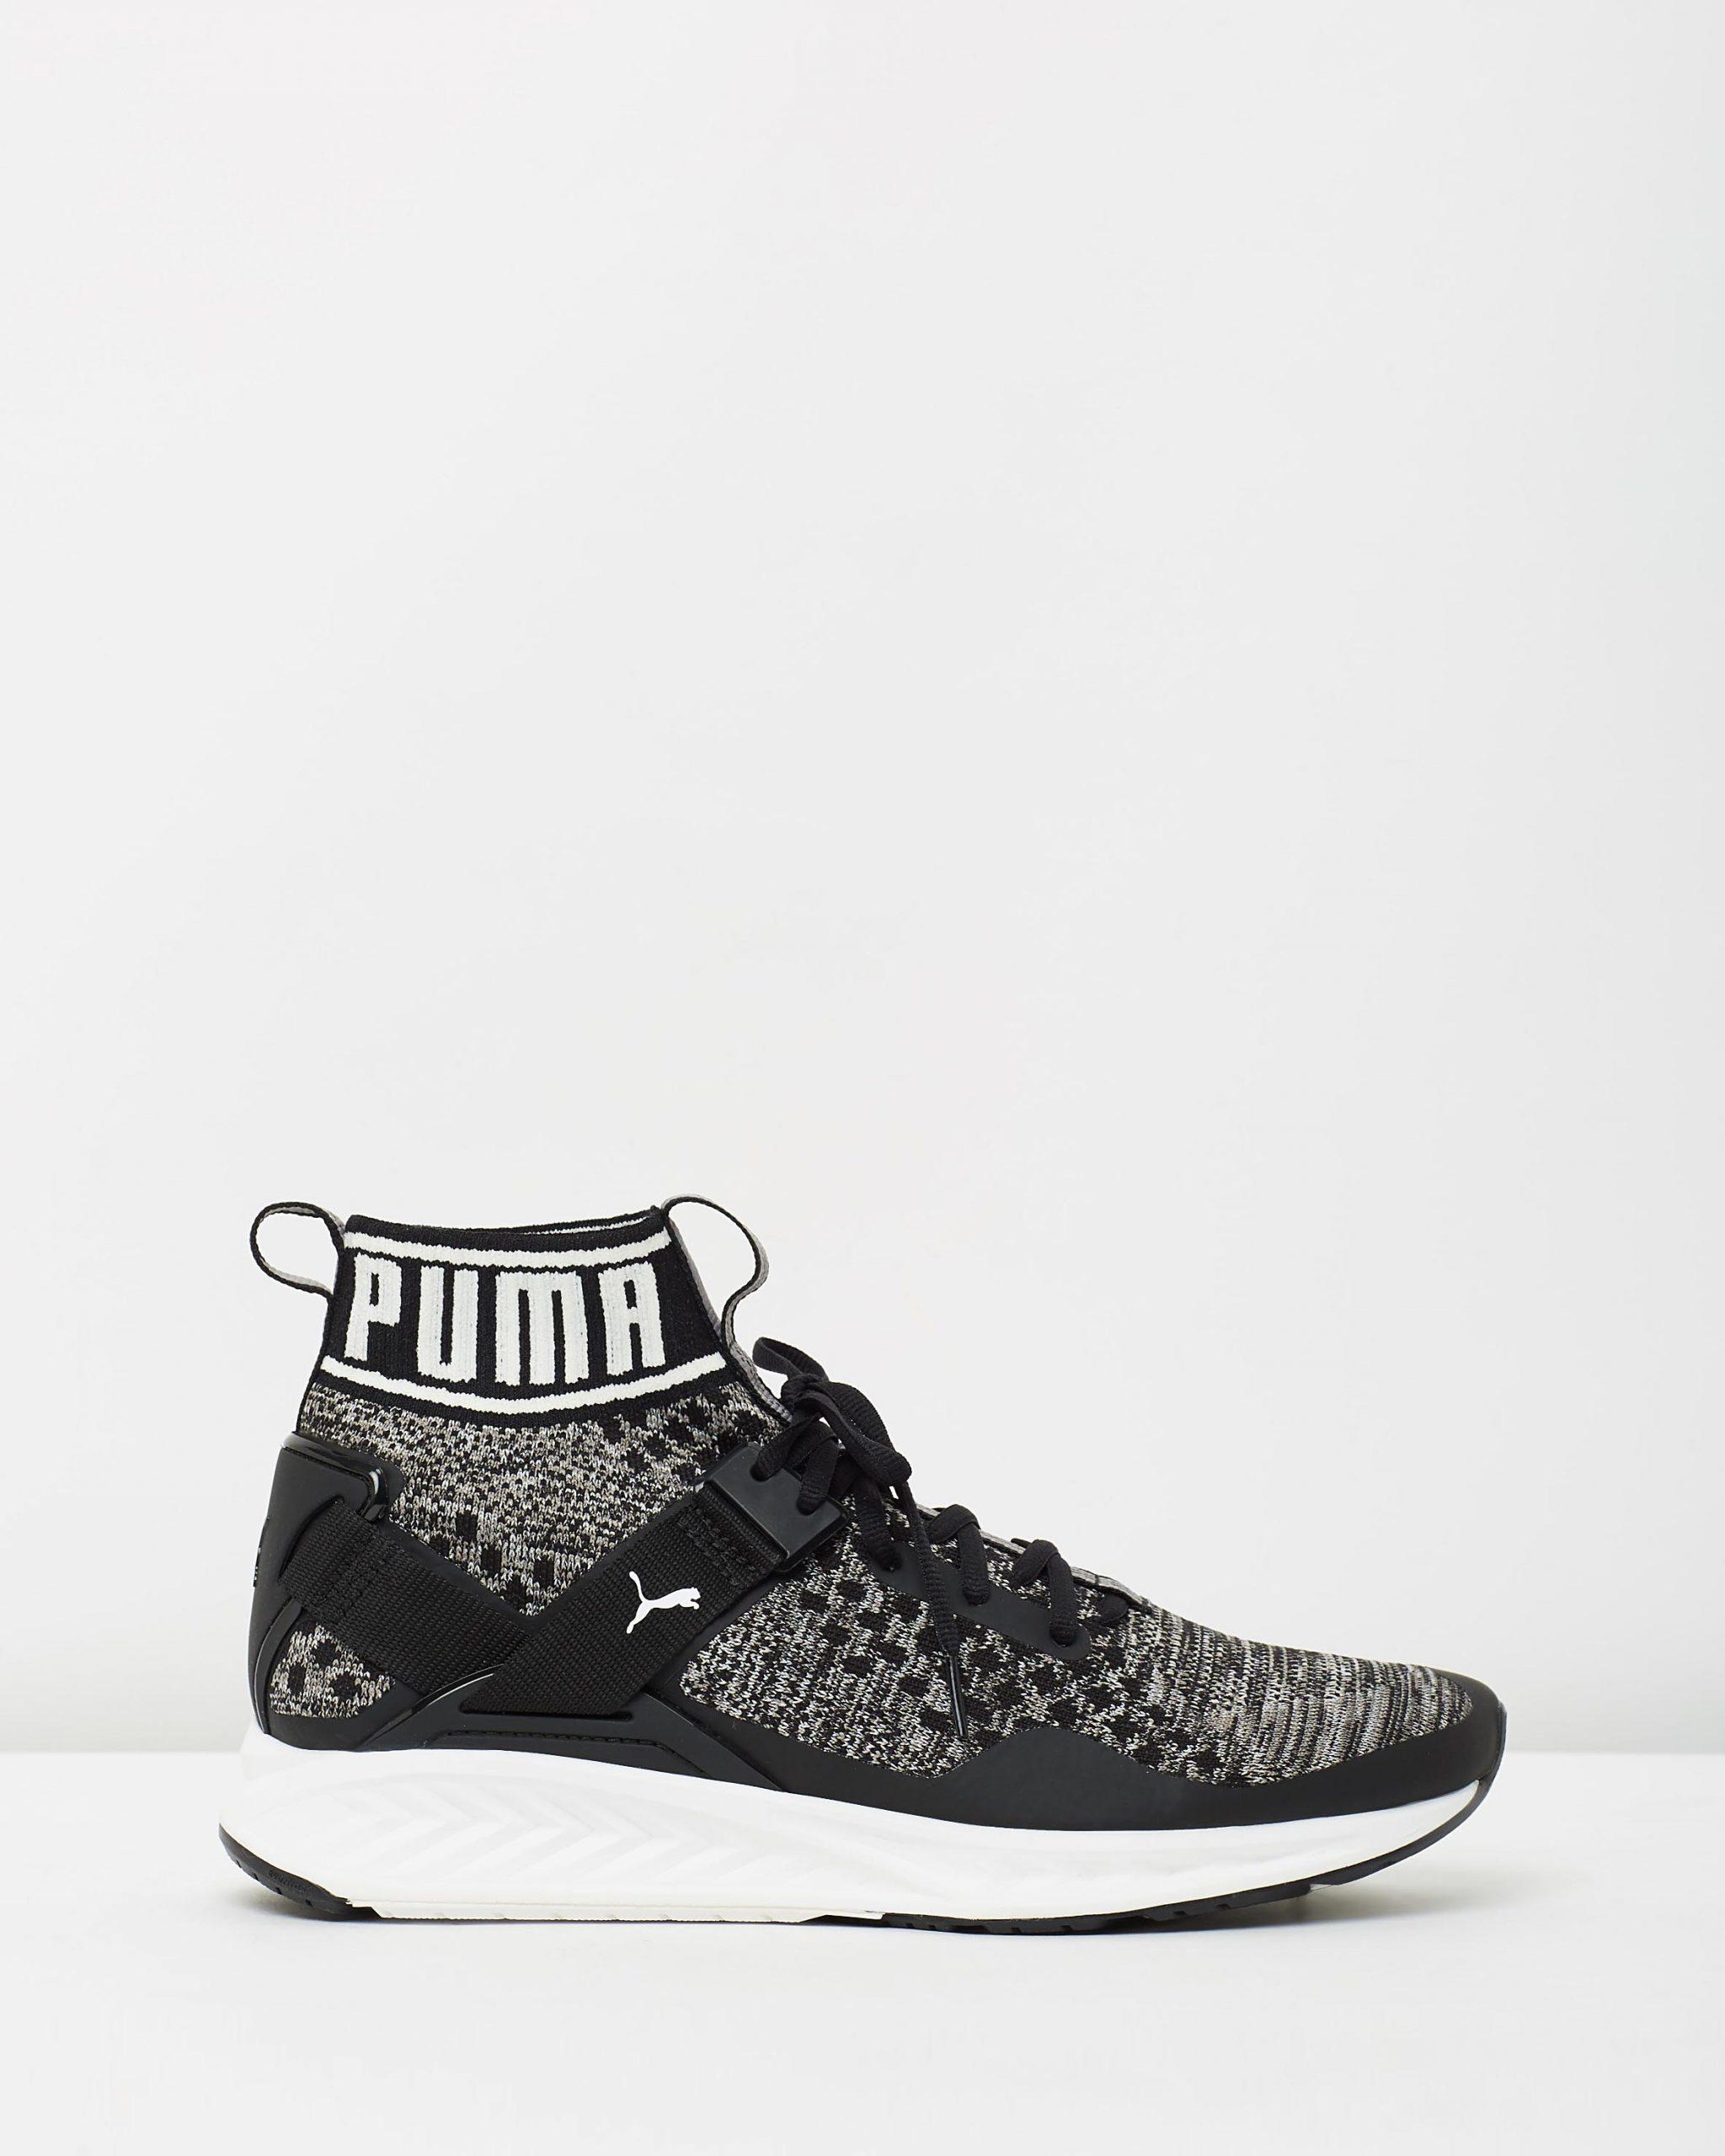 Puma Ignite 3 Evoknit Black